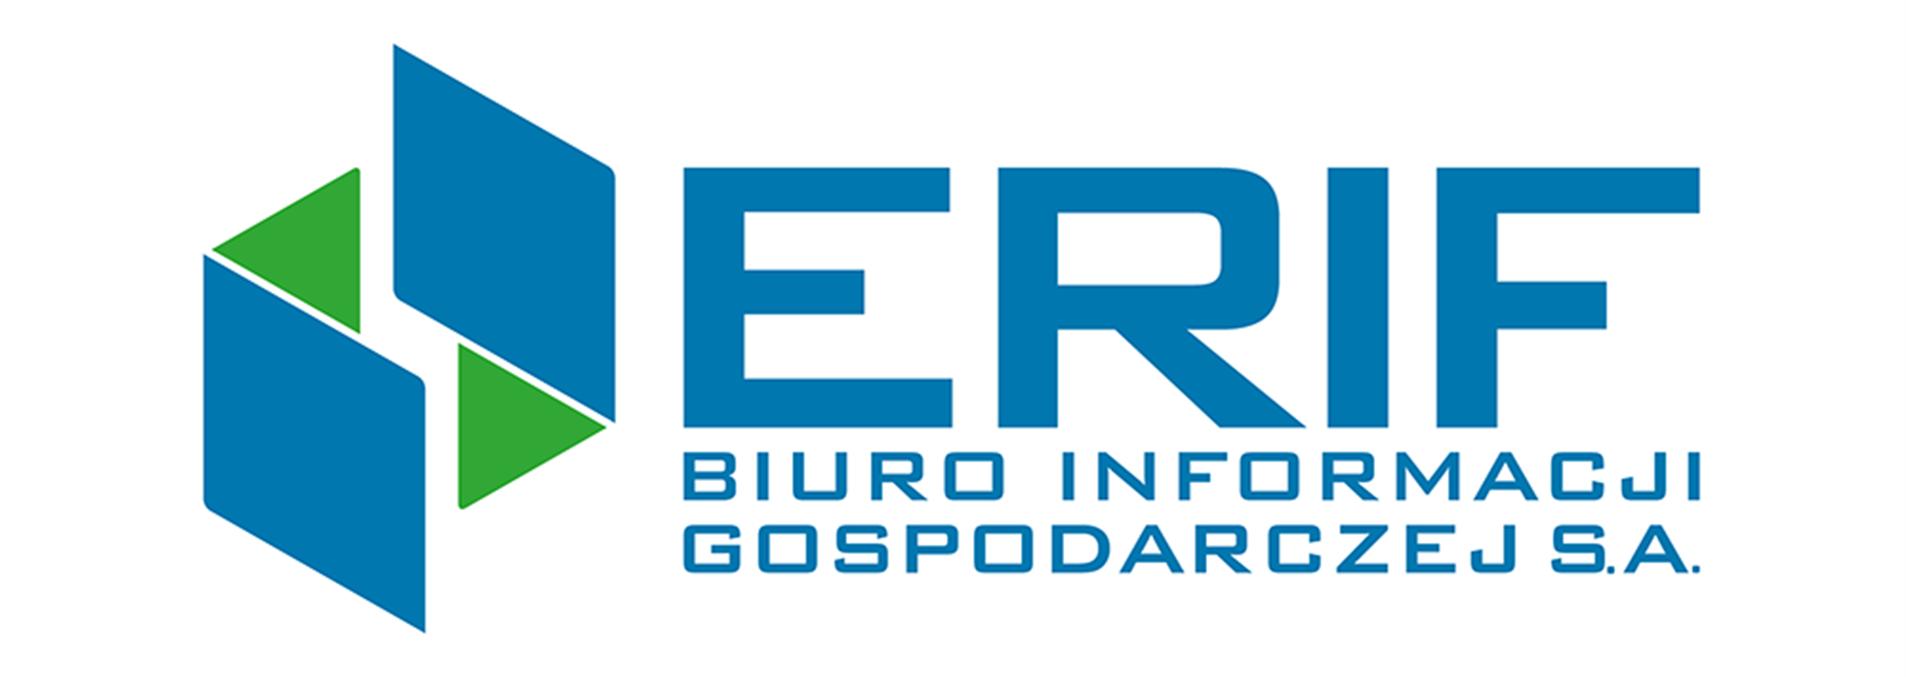 erif - biuro informacji gospodarczej